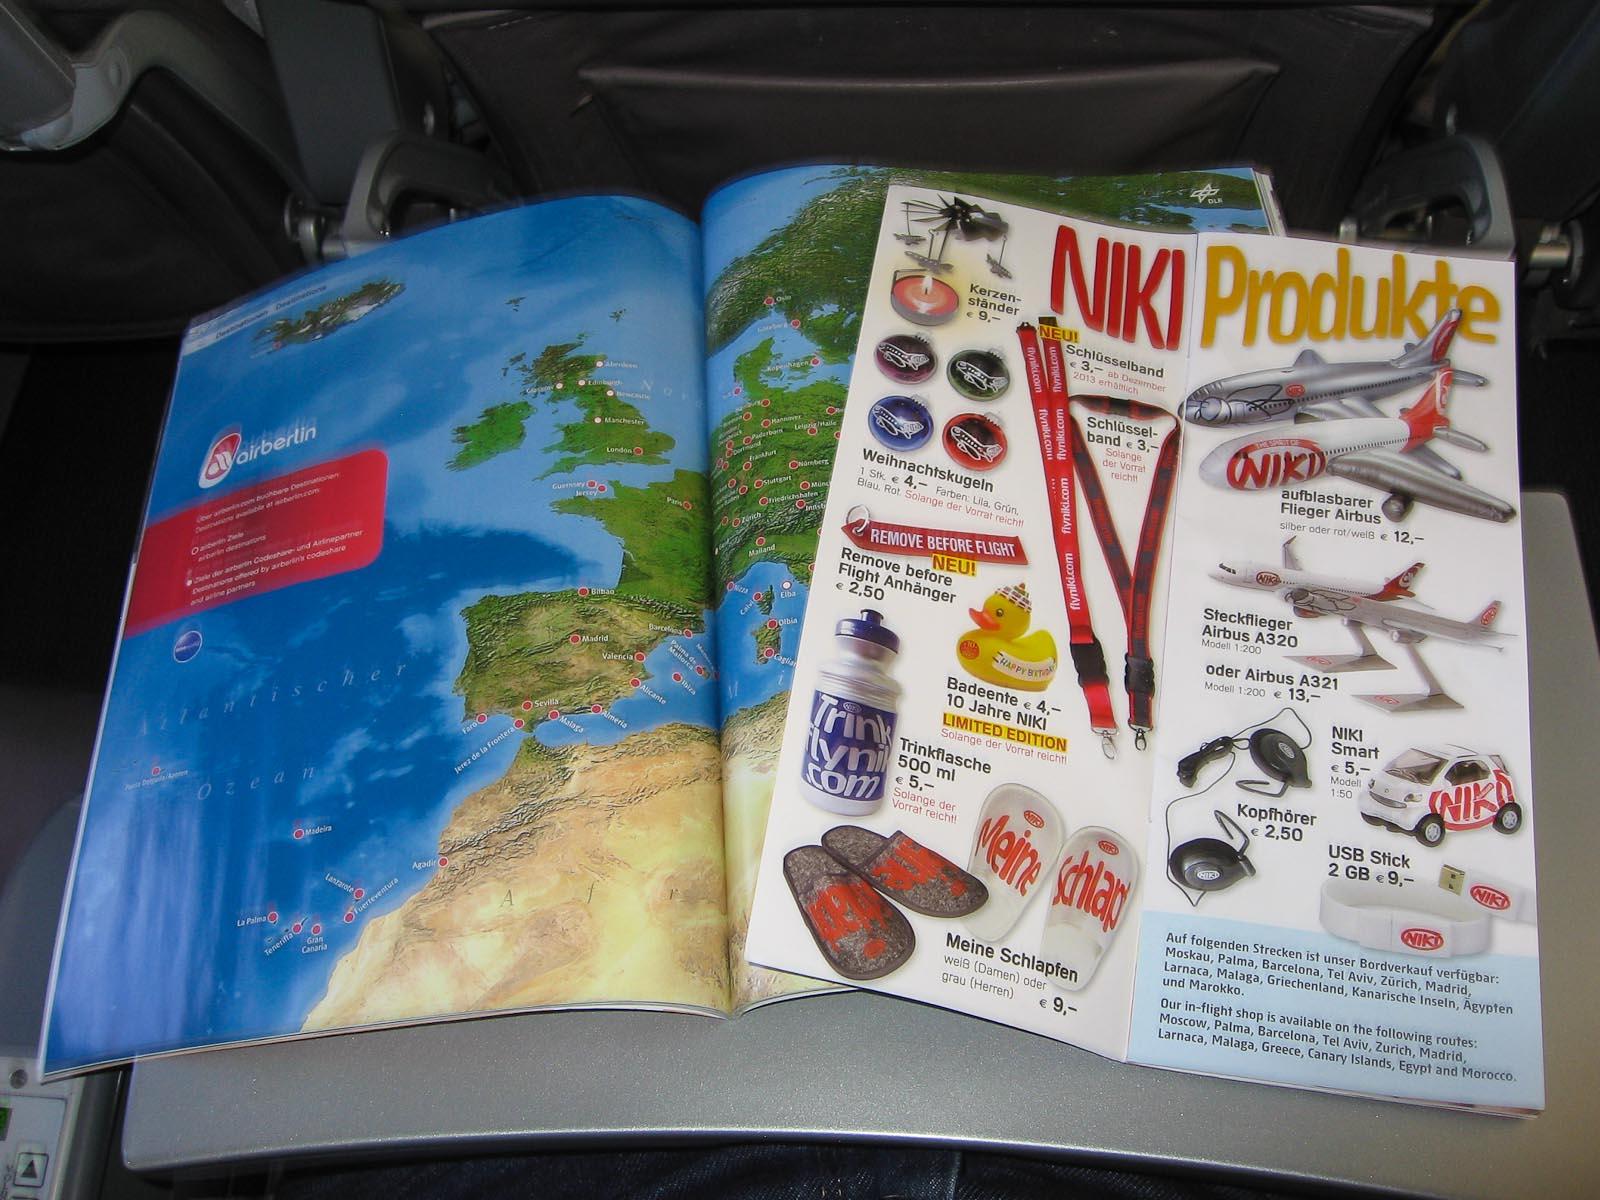 Журнал для пассажиров авиакомпании Ники